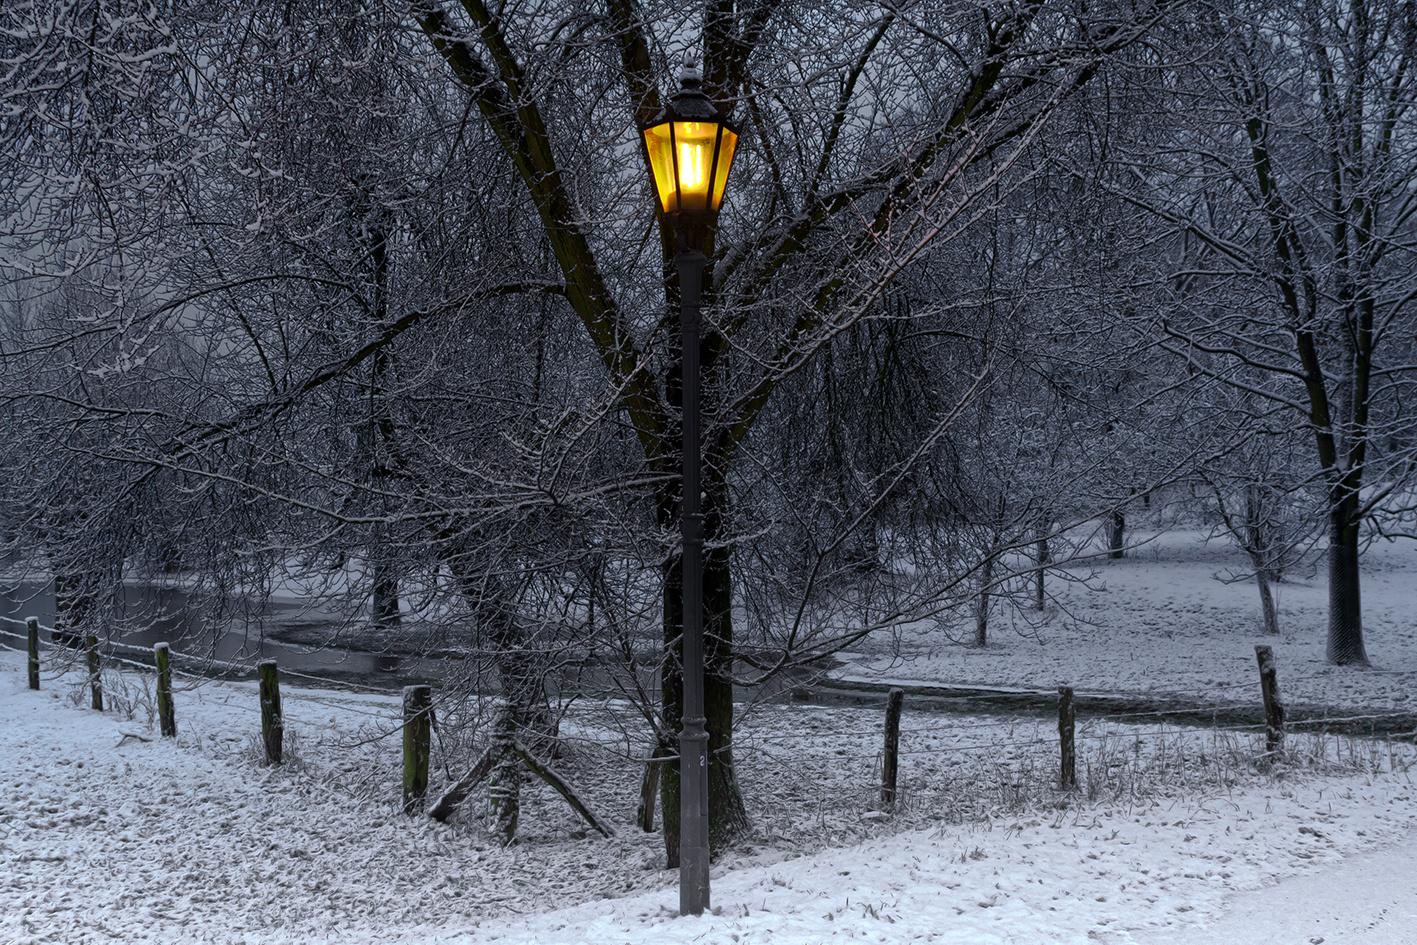 Wintermorgen in Friemersheim